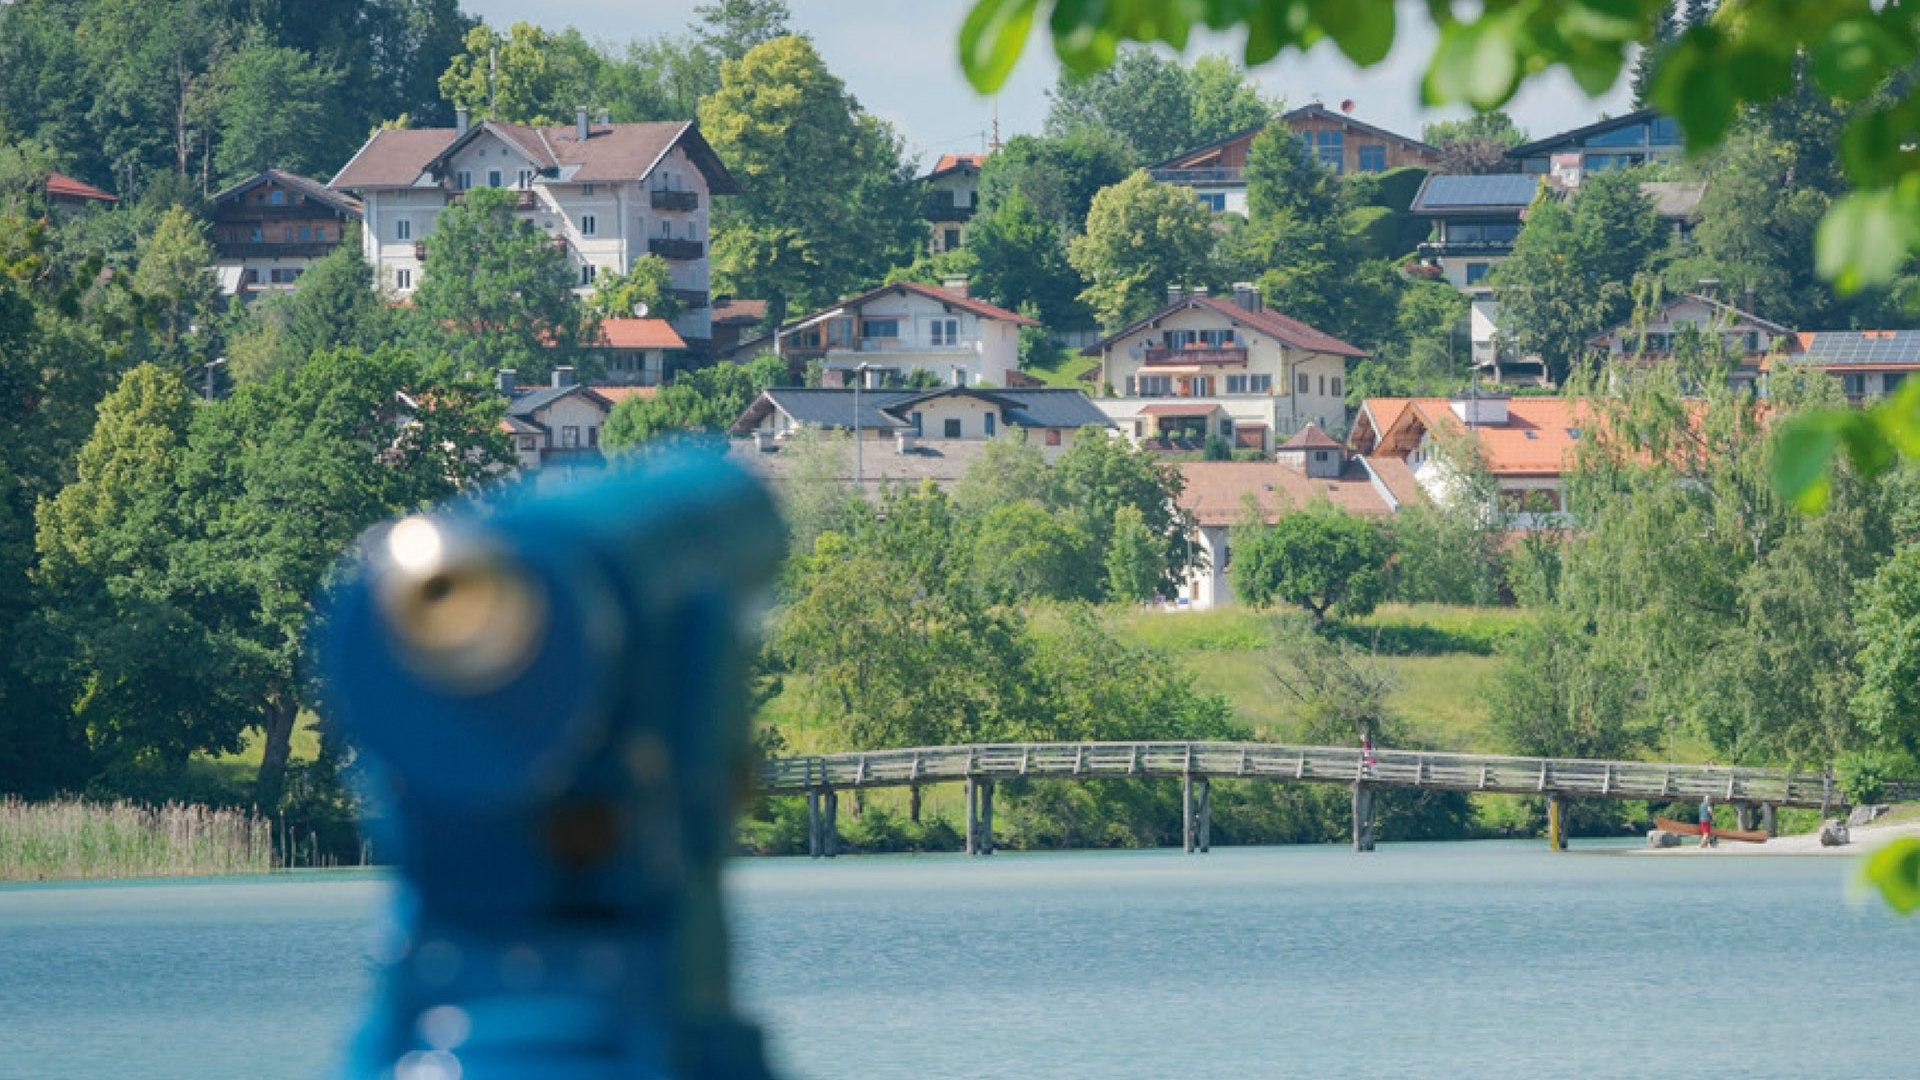 Seeuferweg Gmund, © Der Tegernsee, Dietmar Denger